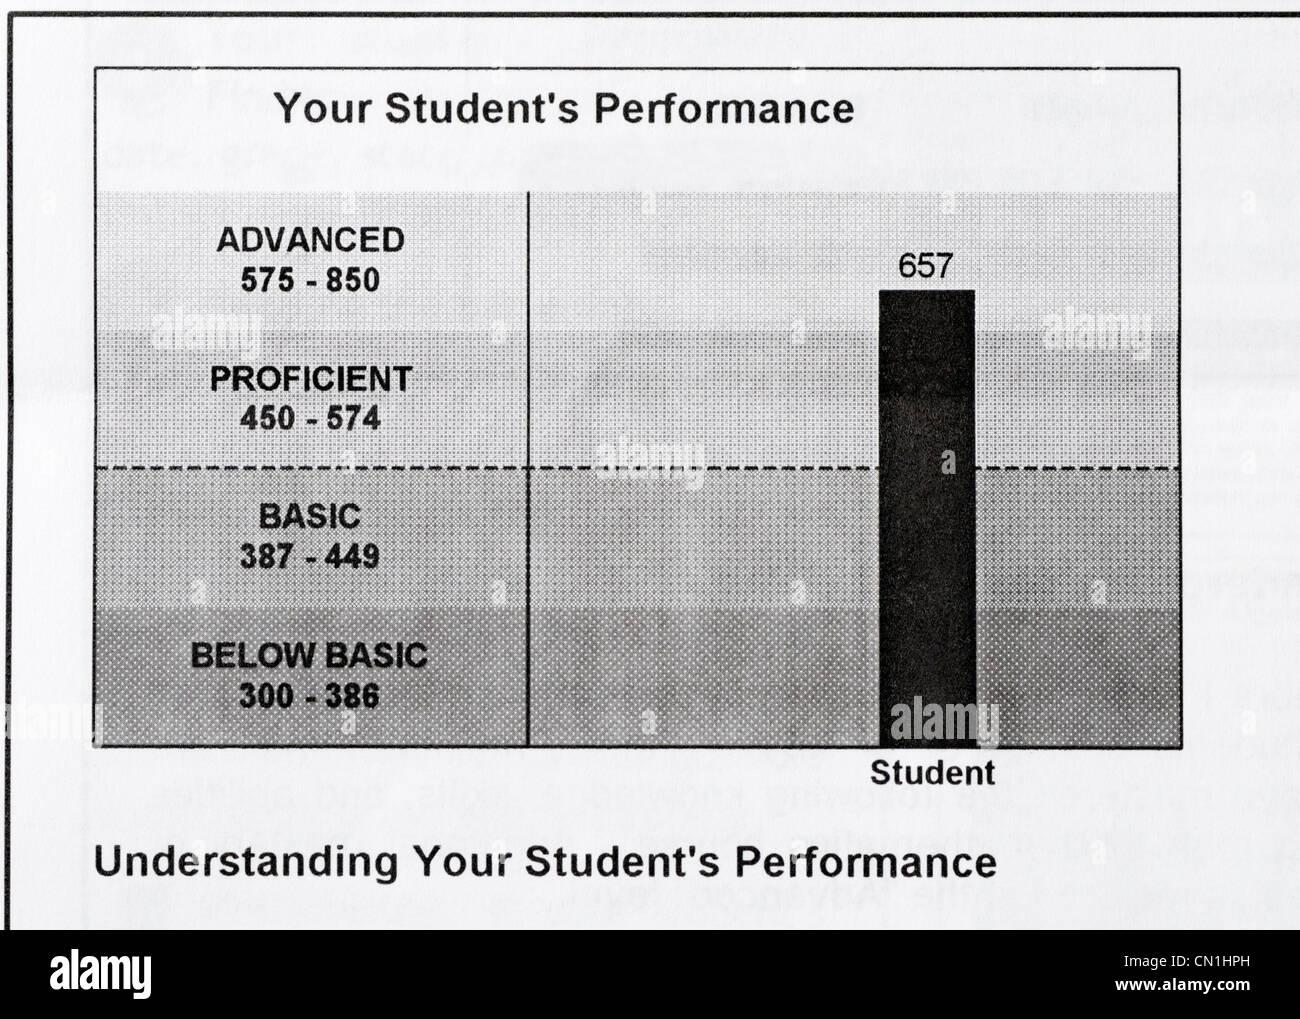 Studente Cliente report per un fine naturalmente stato standard test. Lo studente ha notato nella gamma avanzata. Immagini Stock